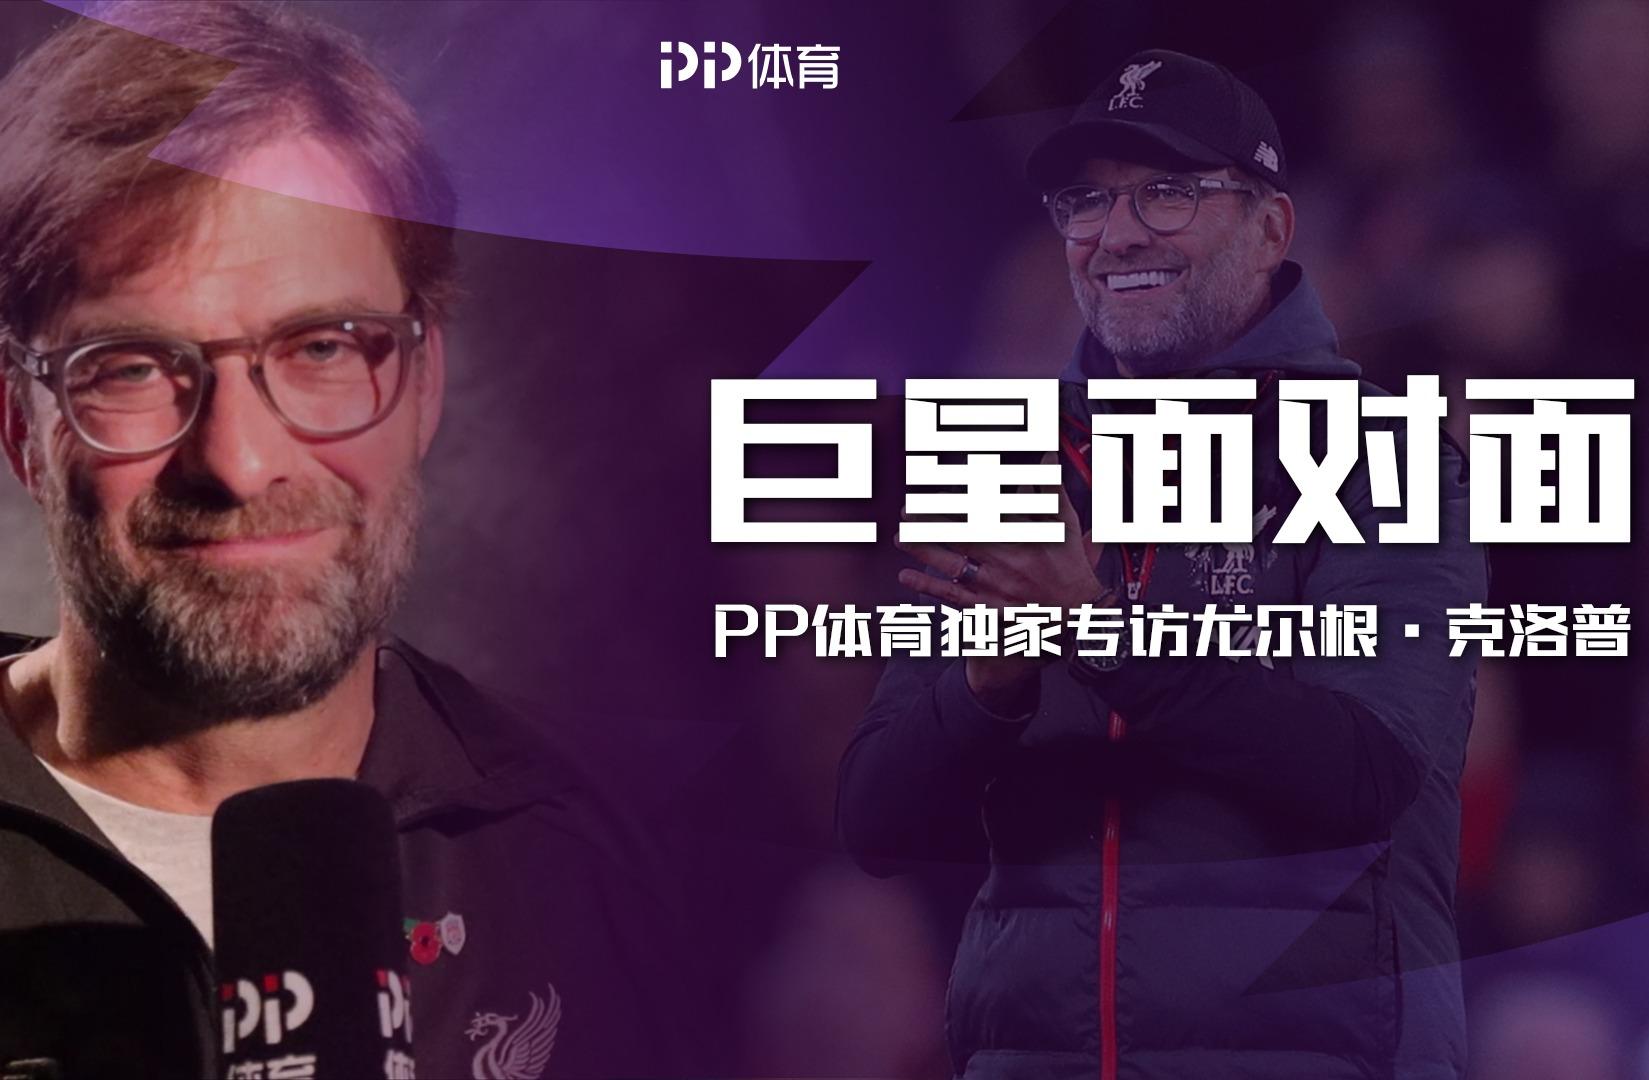 """PP体育独家专访渣叔:津津乐道""""克洛普时间"""" 张伯伦专克曼城"""